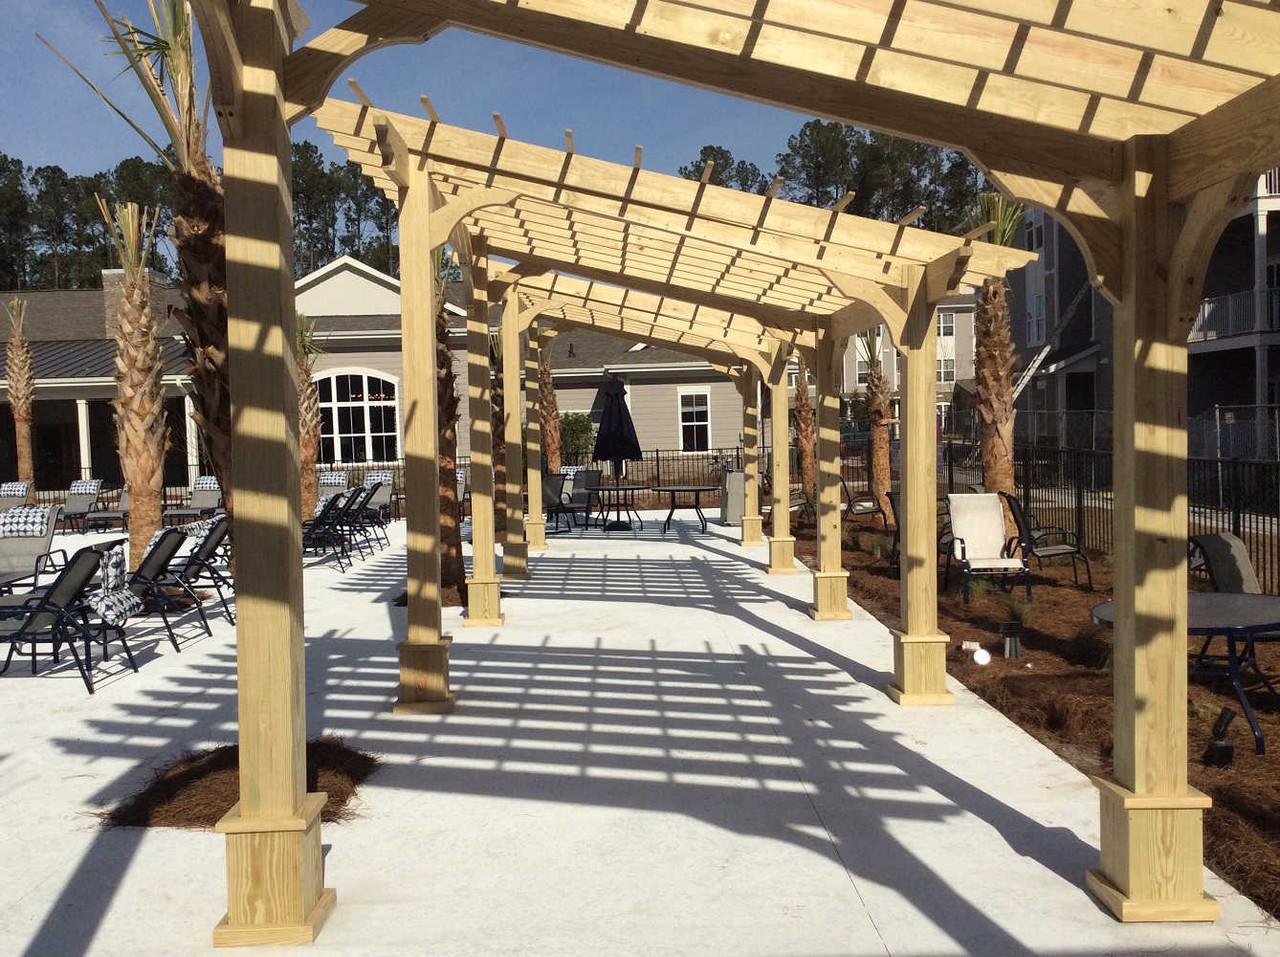 Three Poolside 10x10 Classic Slant Roof Pressure Treated Pine Pergolas, Summerville, SC